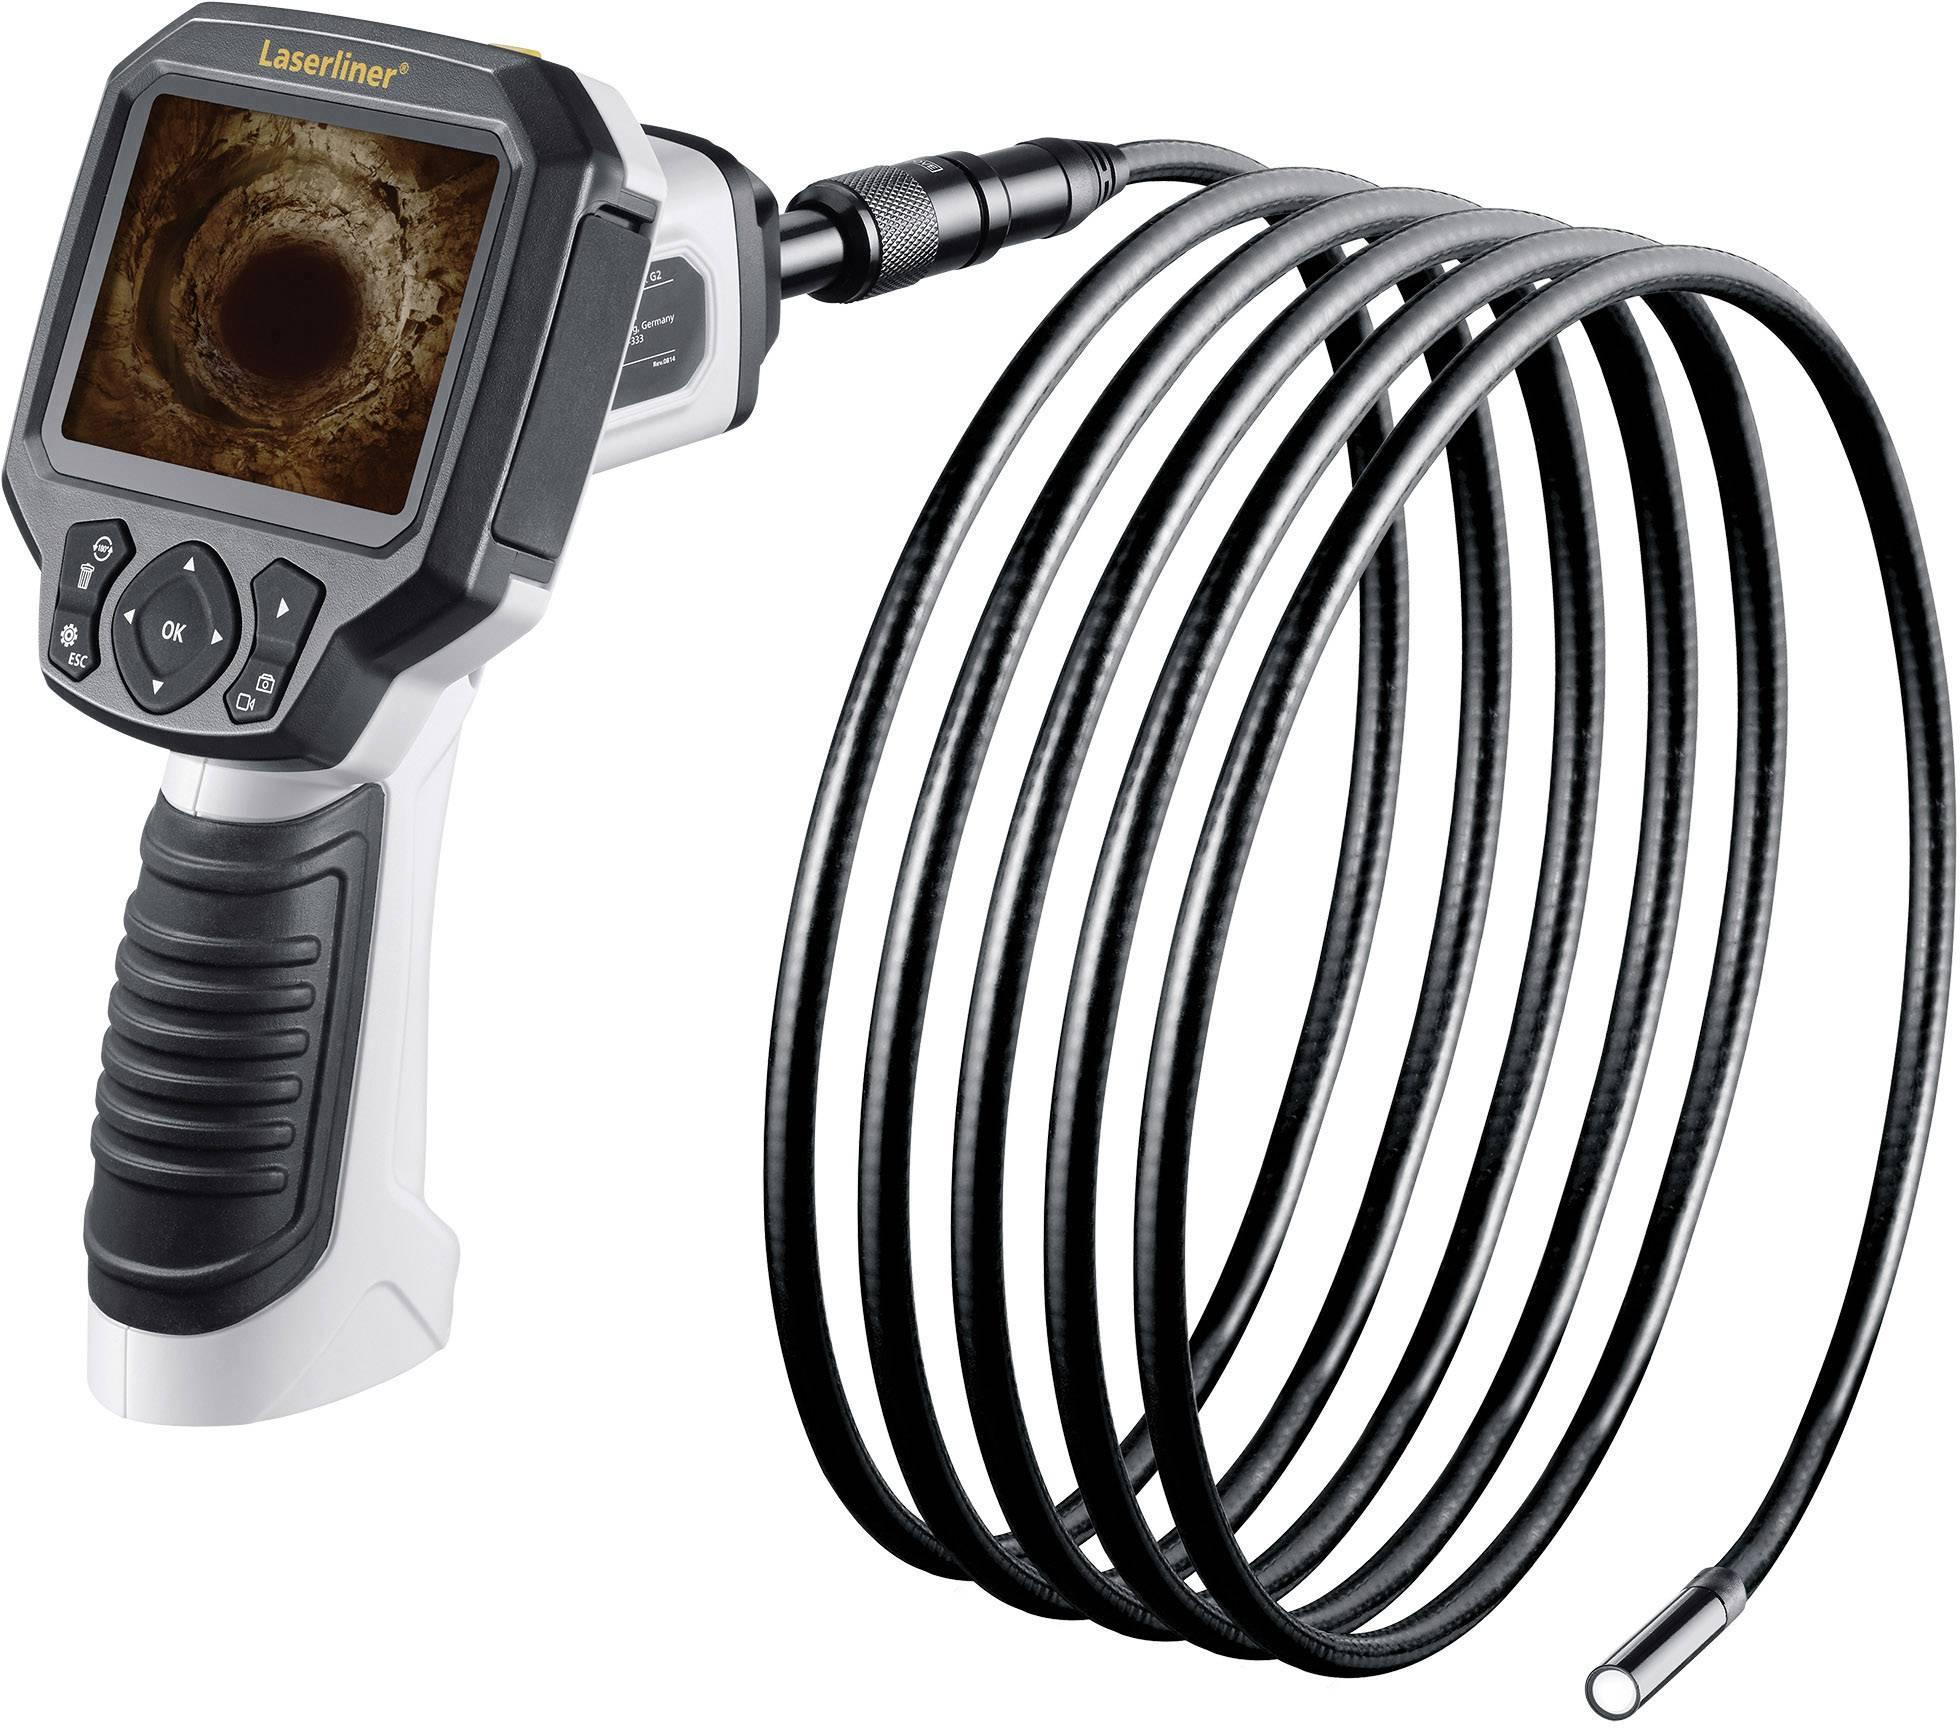 Inspekčná kamera endoskopu Laserliner VideoFlex G3 Ultra 082.210A, Ø sondy: 9 mm, dĺžka sondy: 10 m